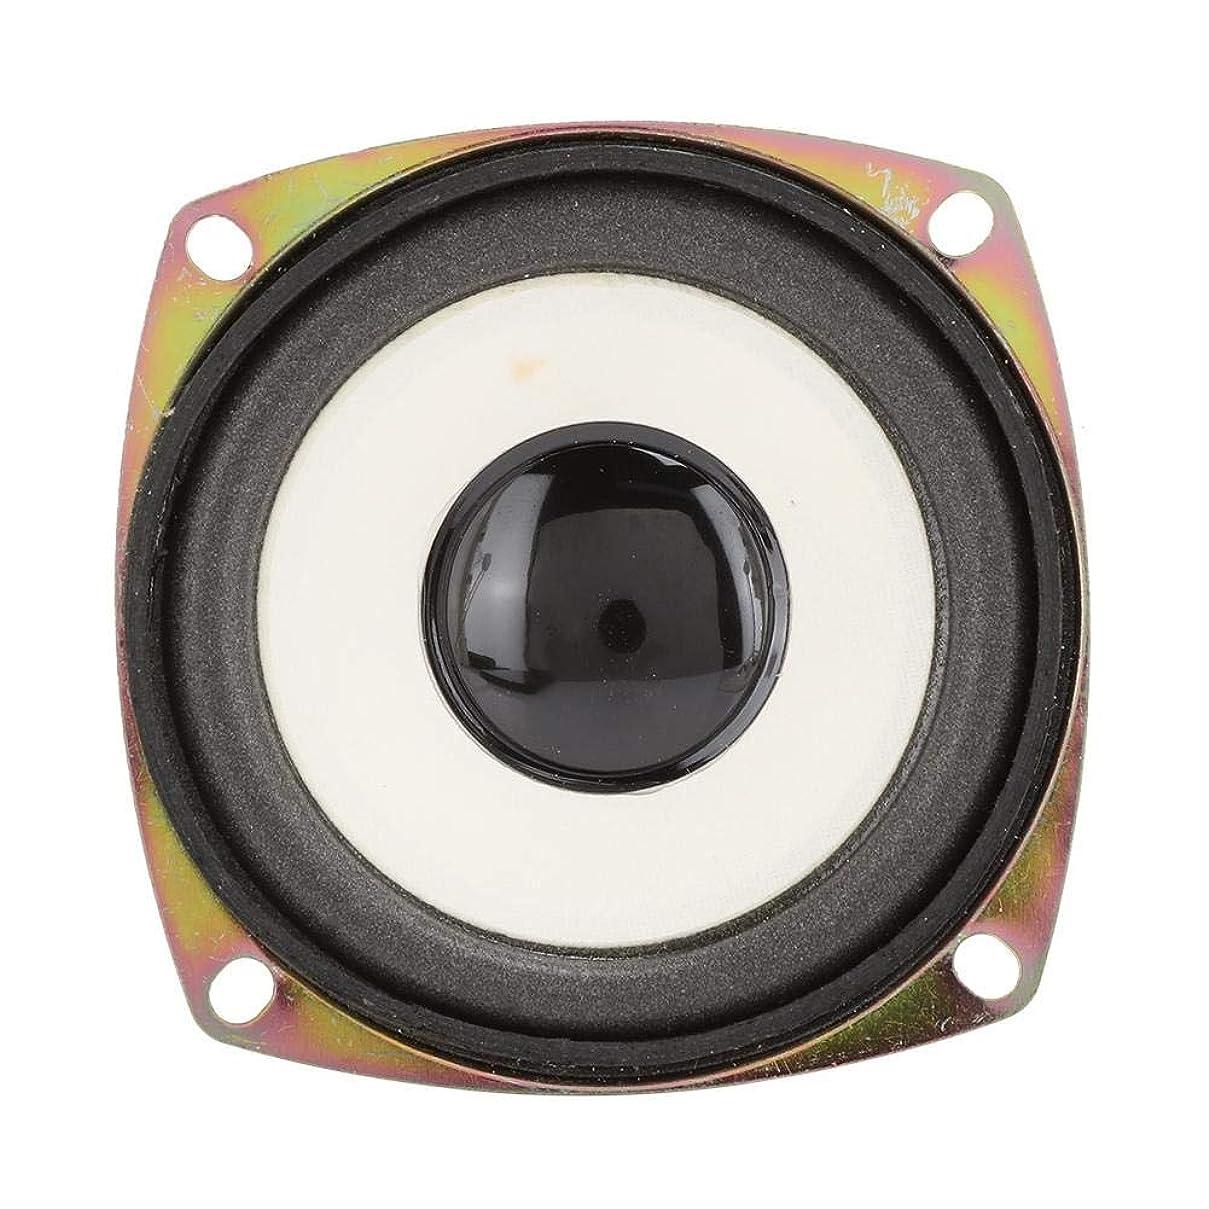 アクセスできない供給環境フルレンジスピーカー、3インチ4ohm 5Wミニフル周波数オーディオスピーカースピーカーホームステレオウーファースピーカーマルチメディアサウンドボックスDIY用。